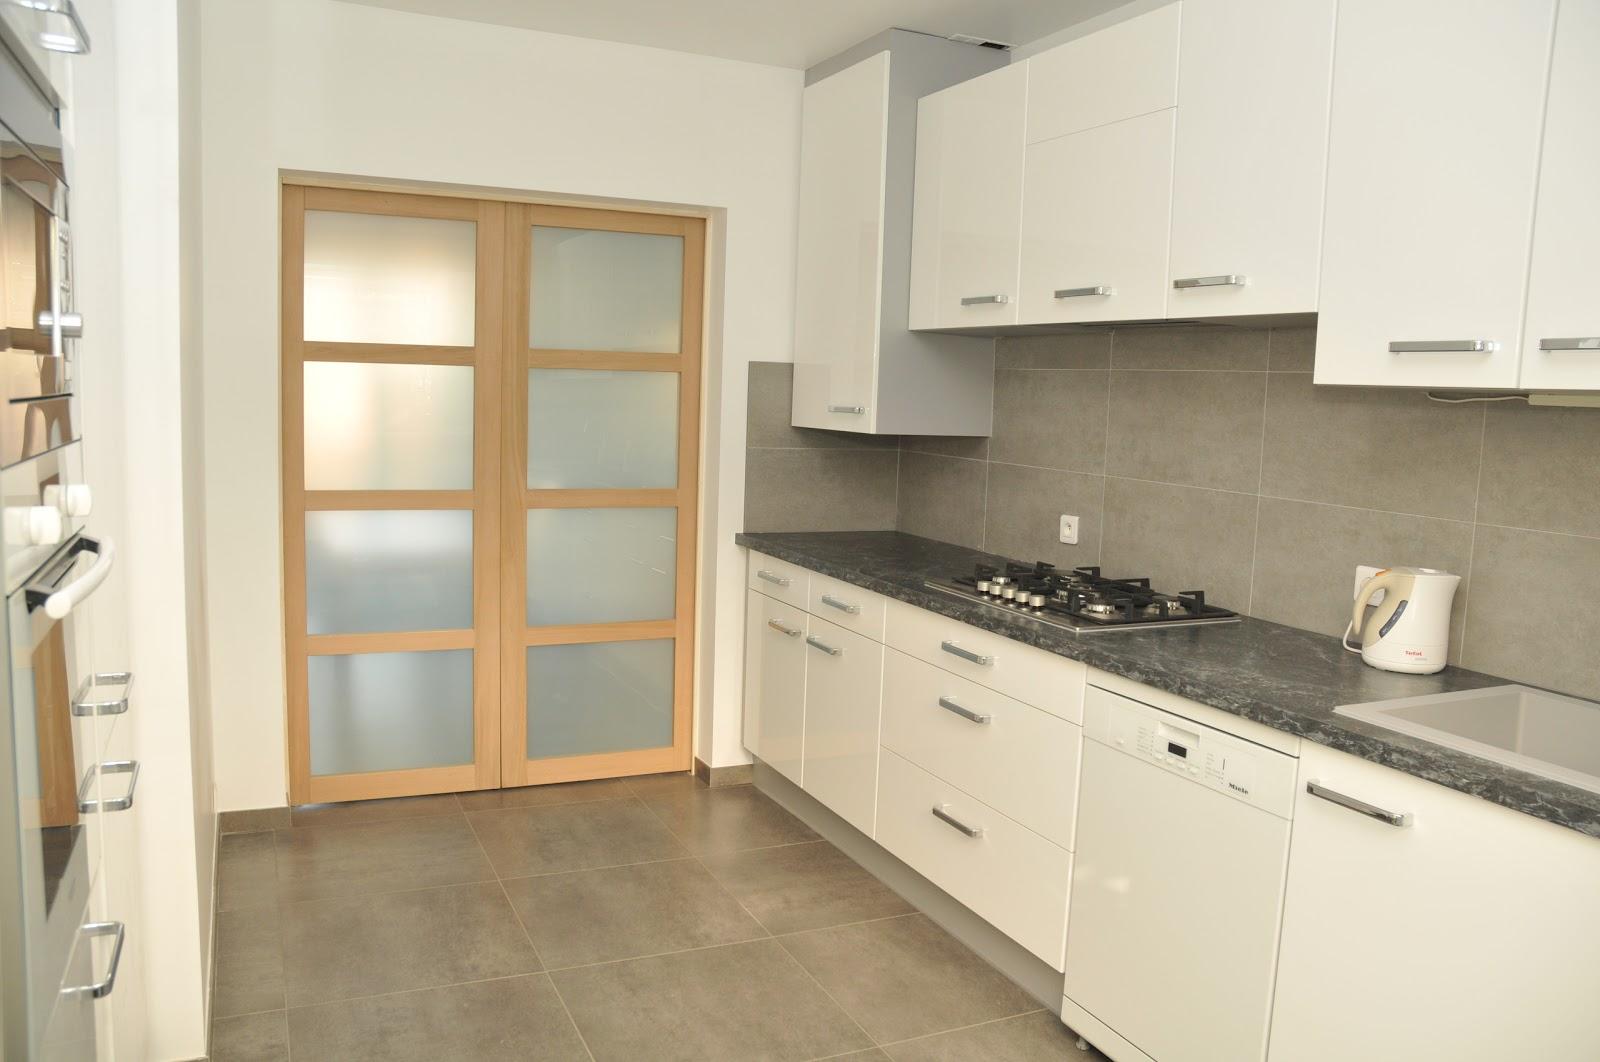 Gastro royal meuble de cuisine avec porte coulissante for Meuble de cuisine avec porte coulissante